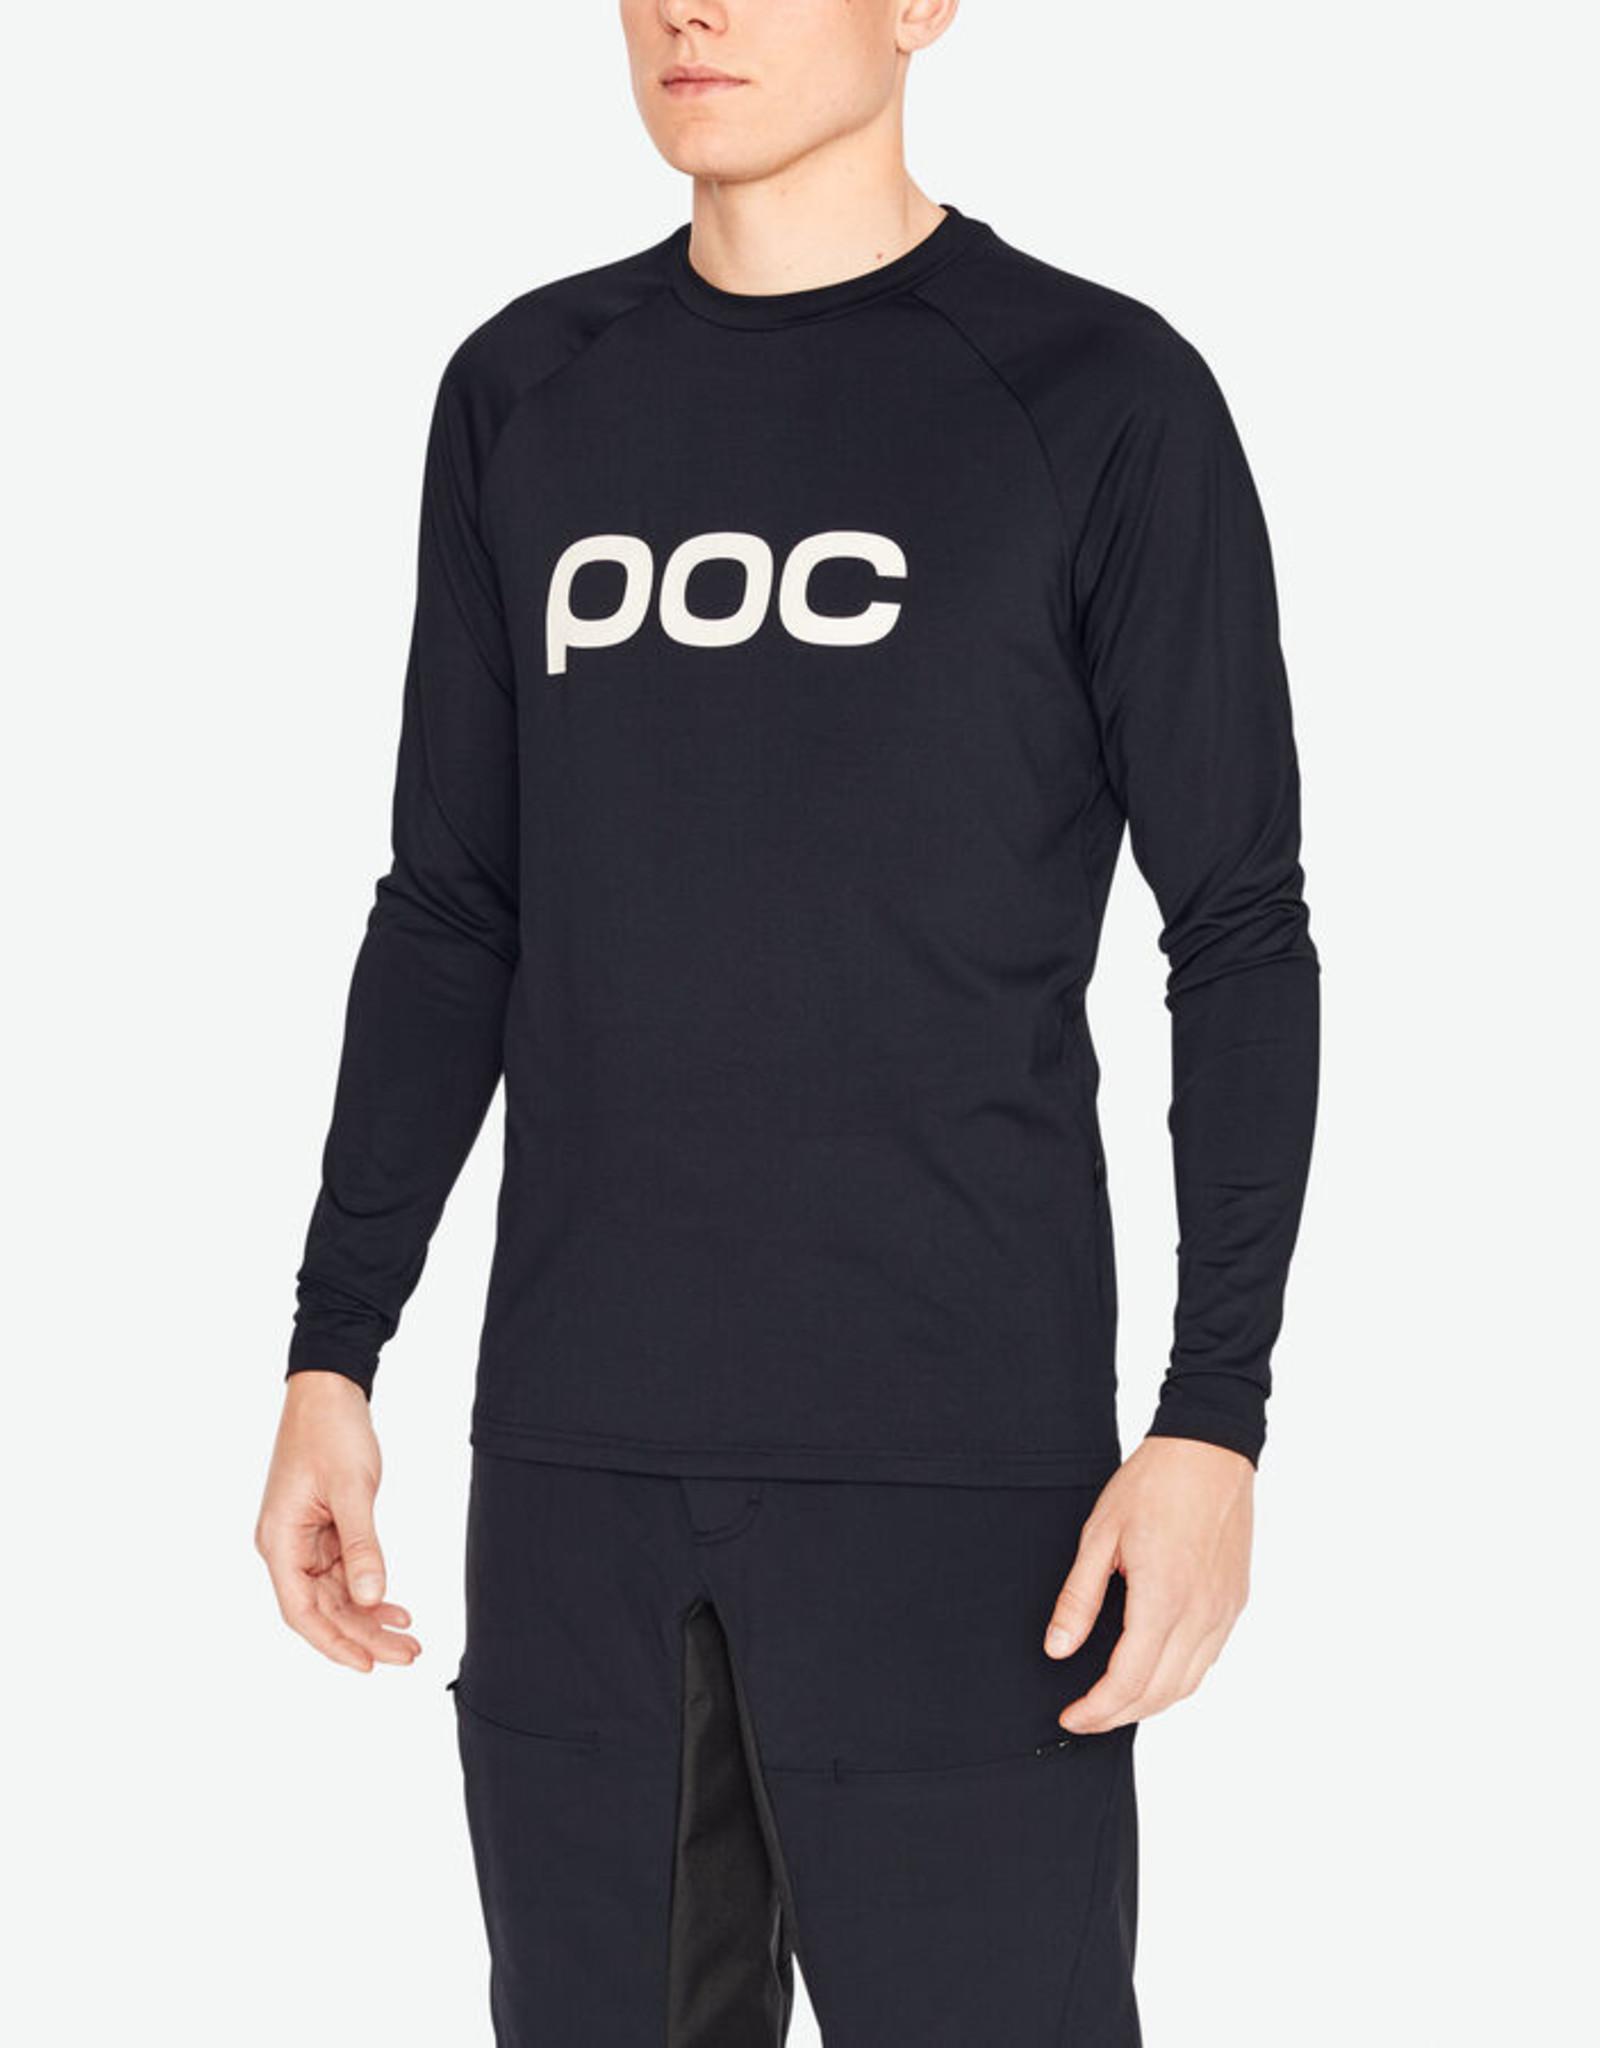 POC T-Shirt POC Essentiel Enduro